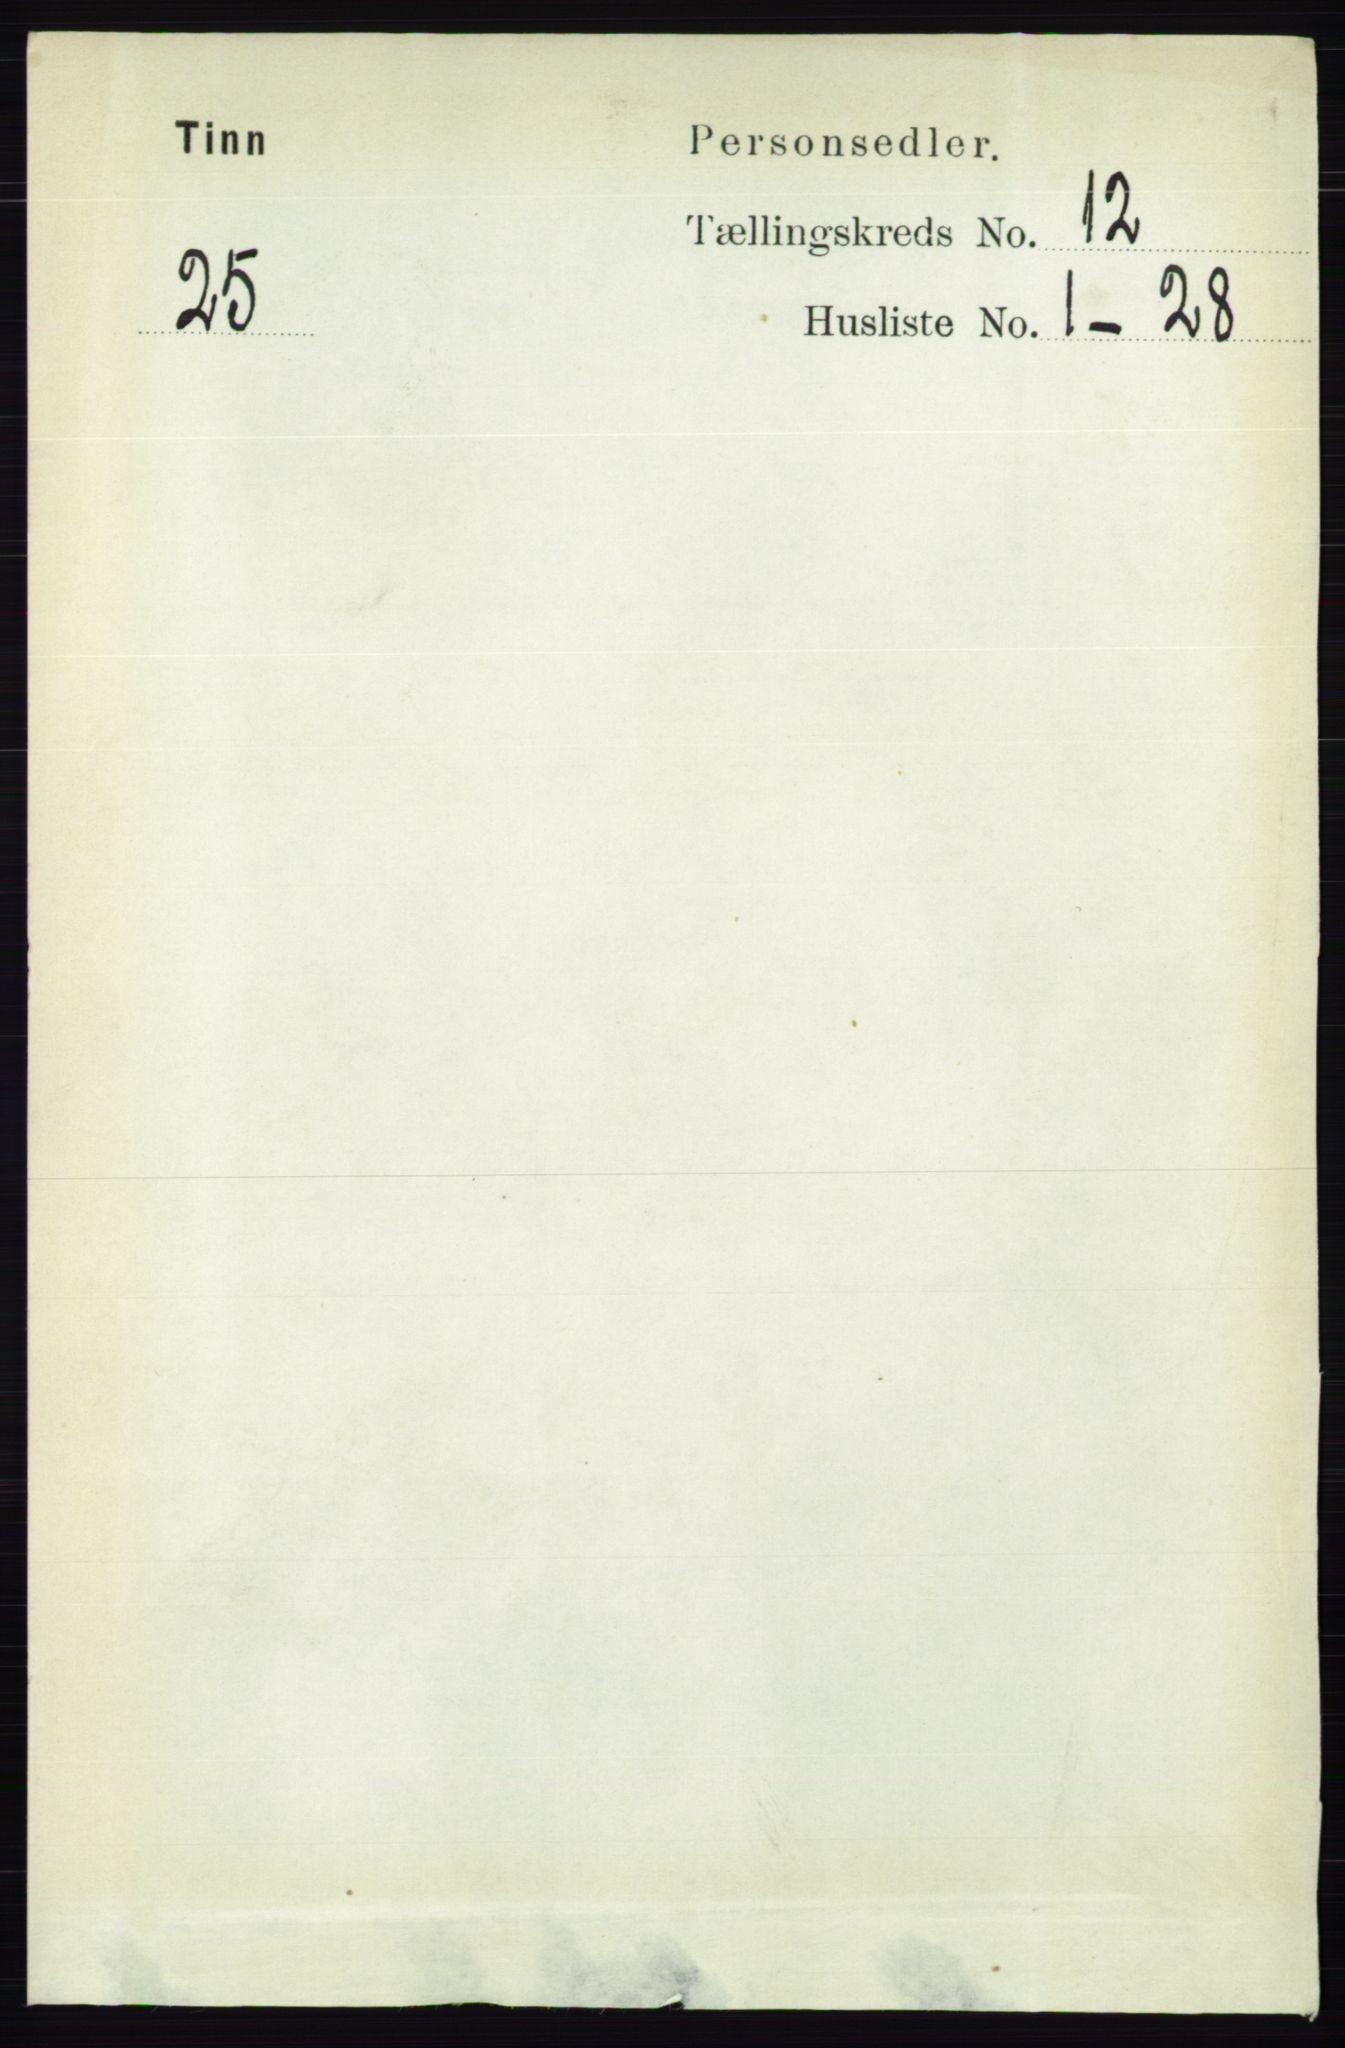 RA, Folketelling 1891 for 0826 Tinn herred, 1891, s. 2317